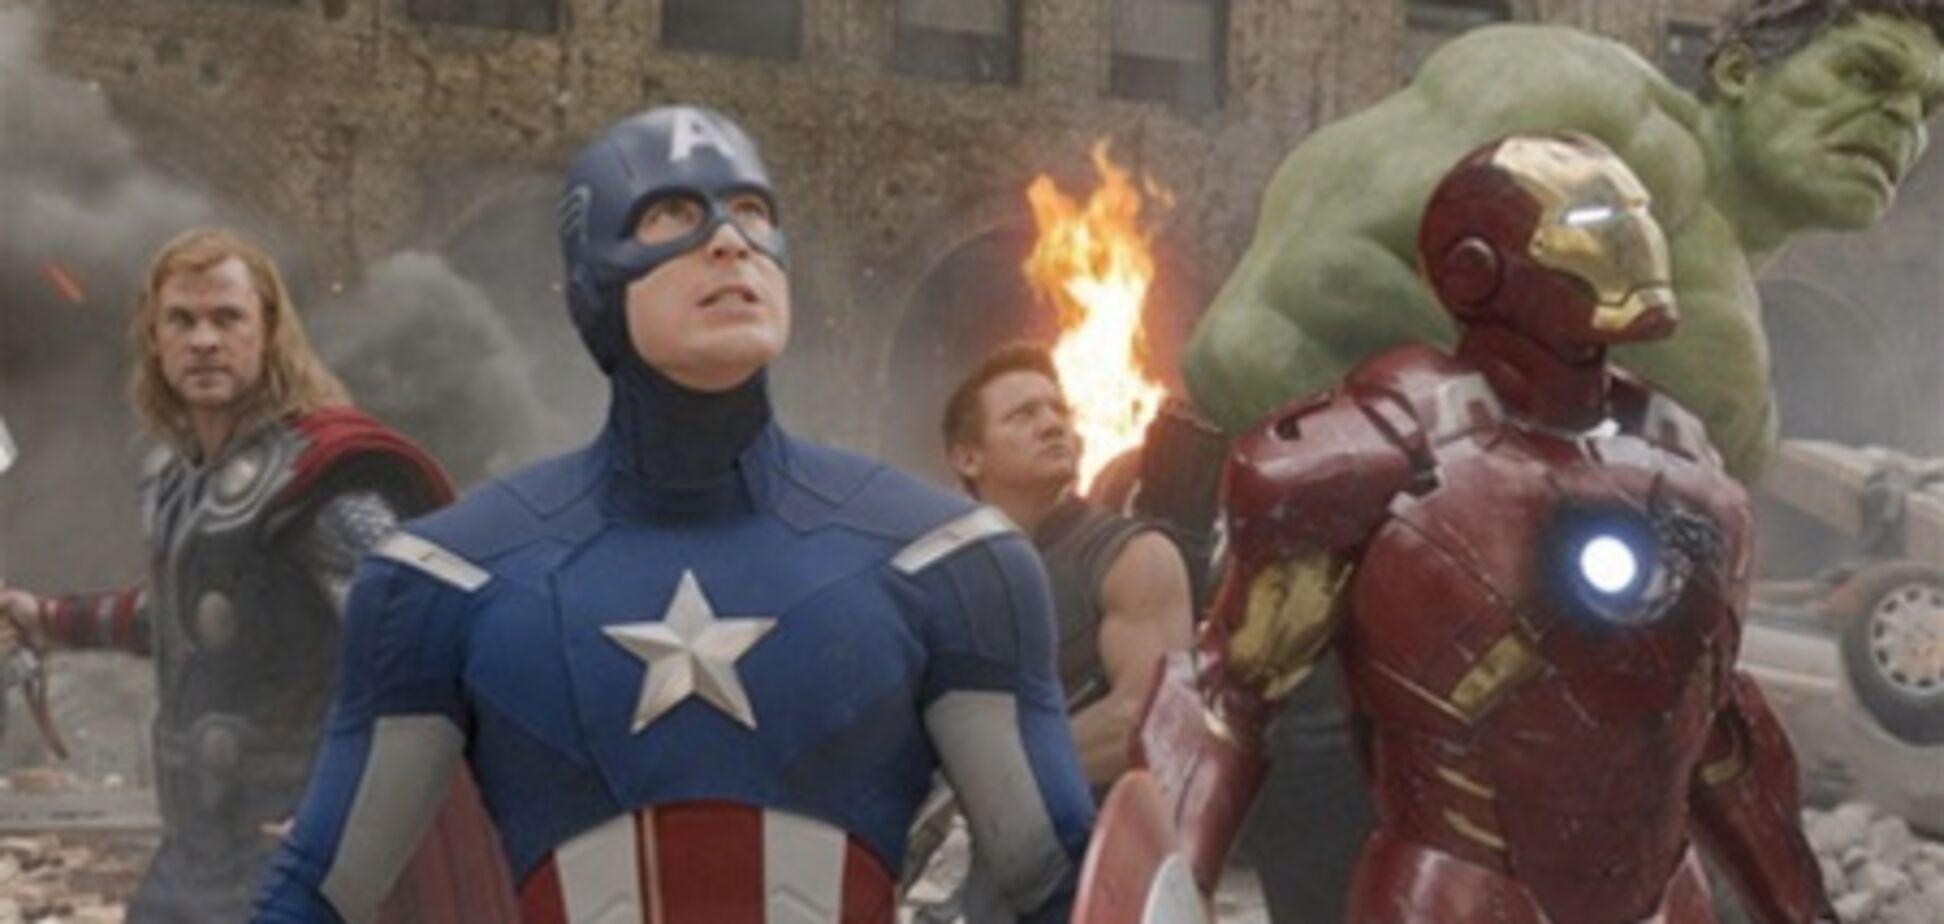 Сериал по комиксу 'Мстители' запускается в производство